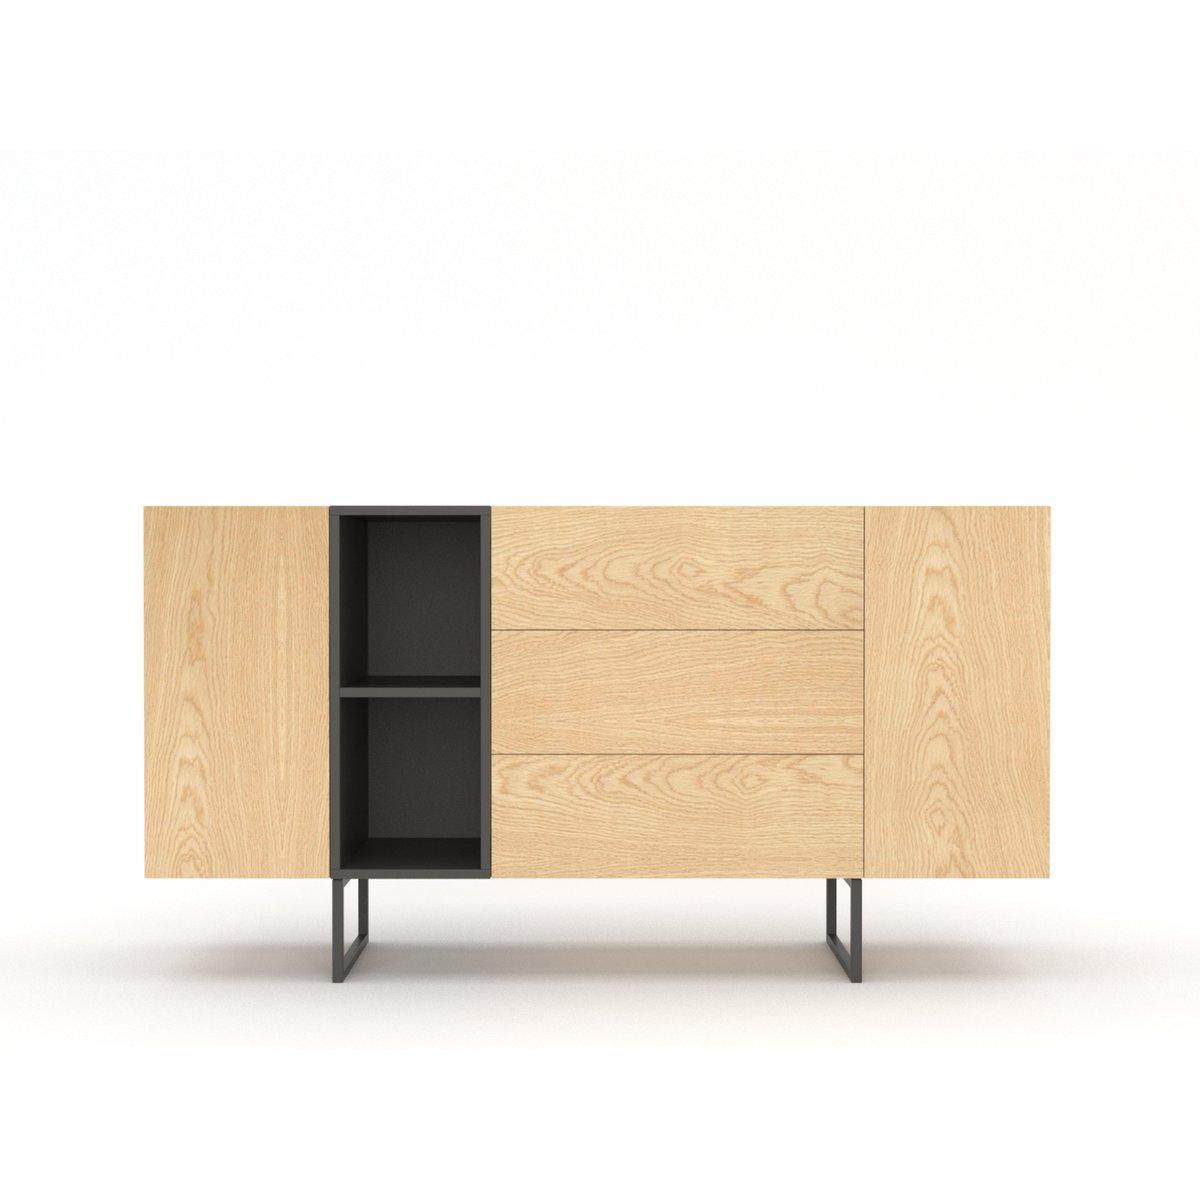 Kommode Sideboard Lowboard Anrichte Wohnzimmer TV Schrank